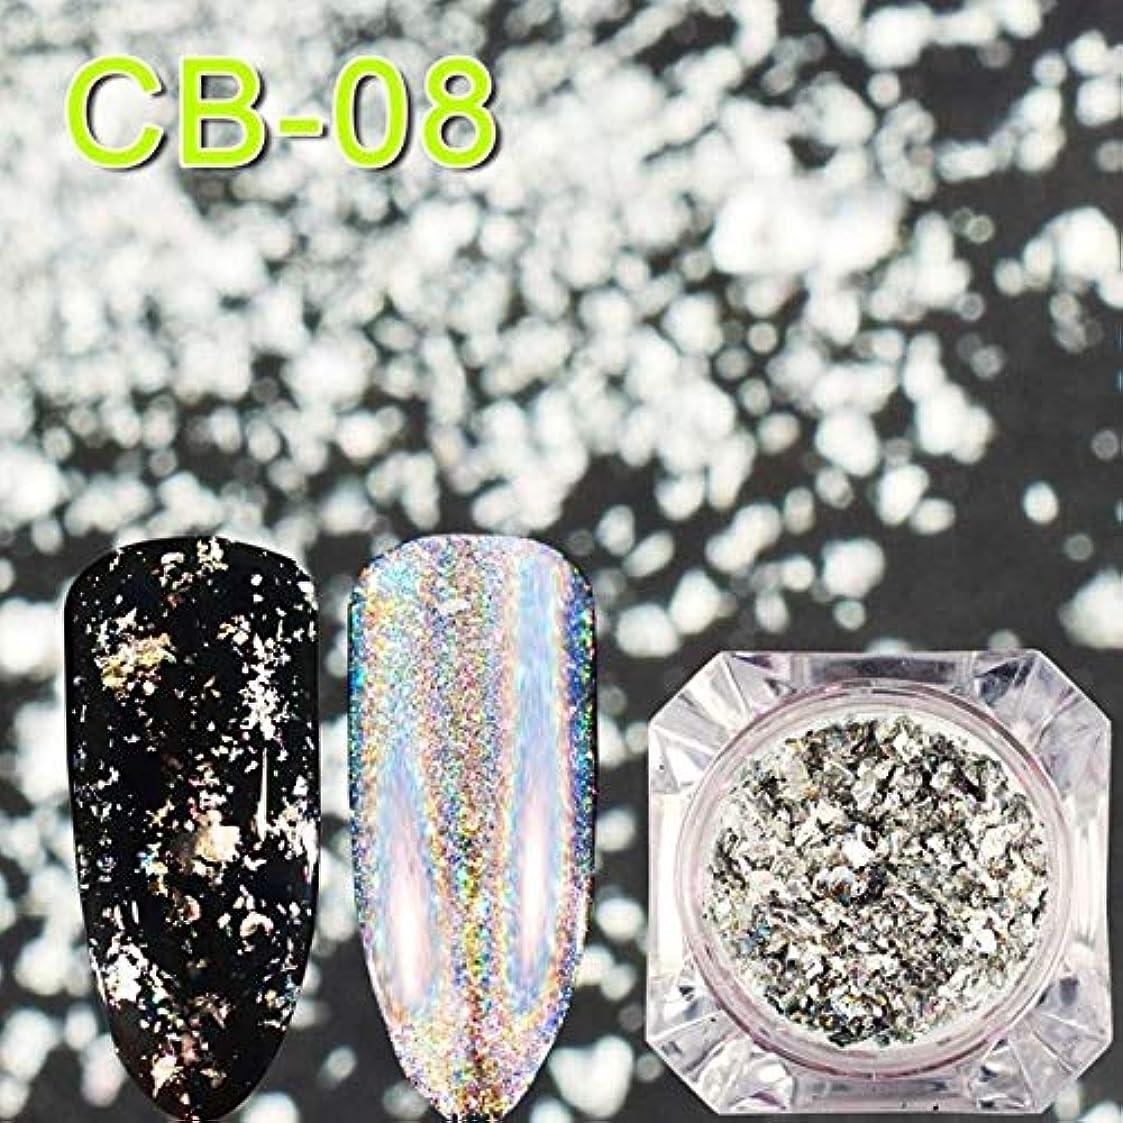 ステッチデンマーク語インチYan 3個マジックミラーカメレオングリッターネイルフレークスパンコール不規則なネイルデコレーション(CB01) (色 : CB08)